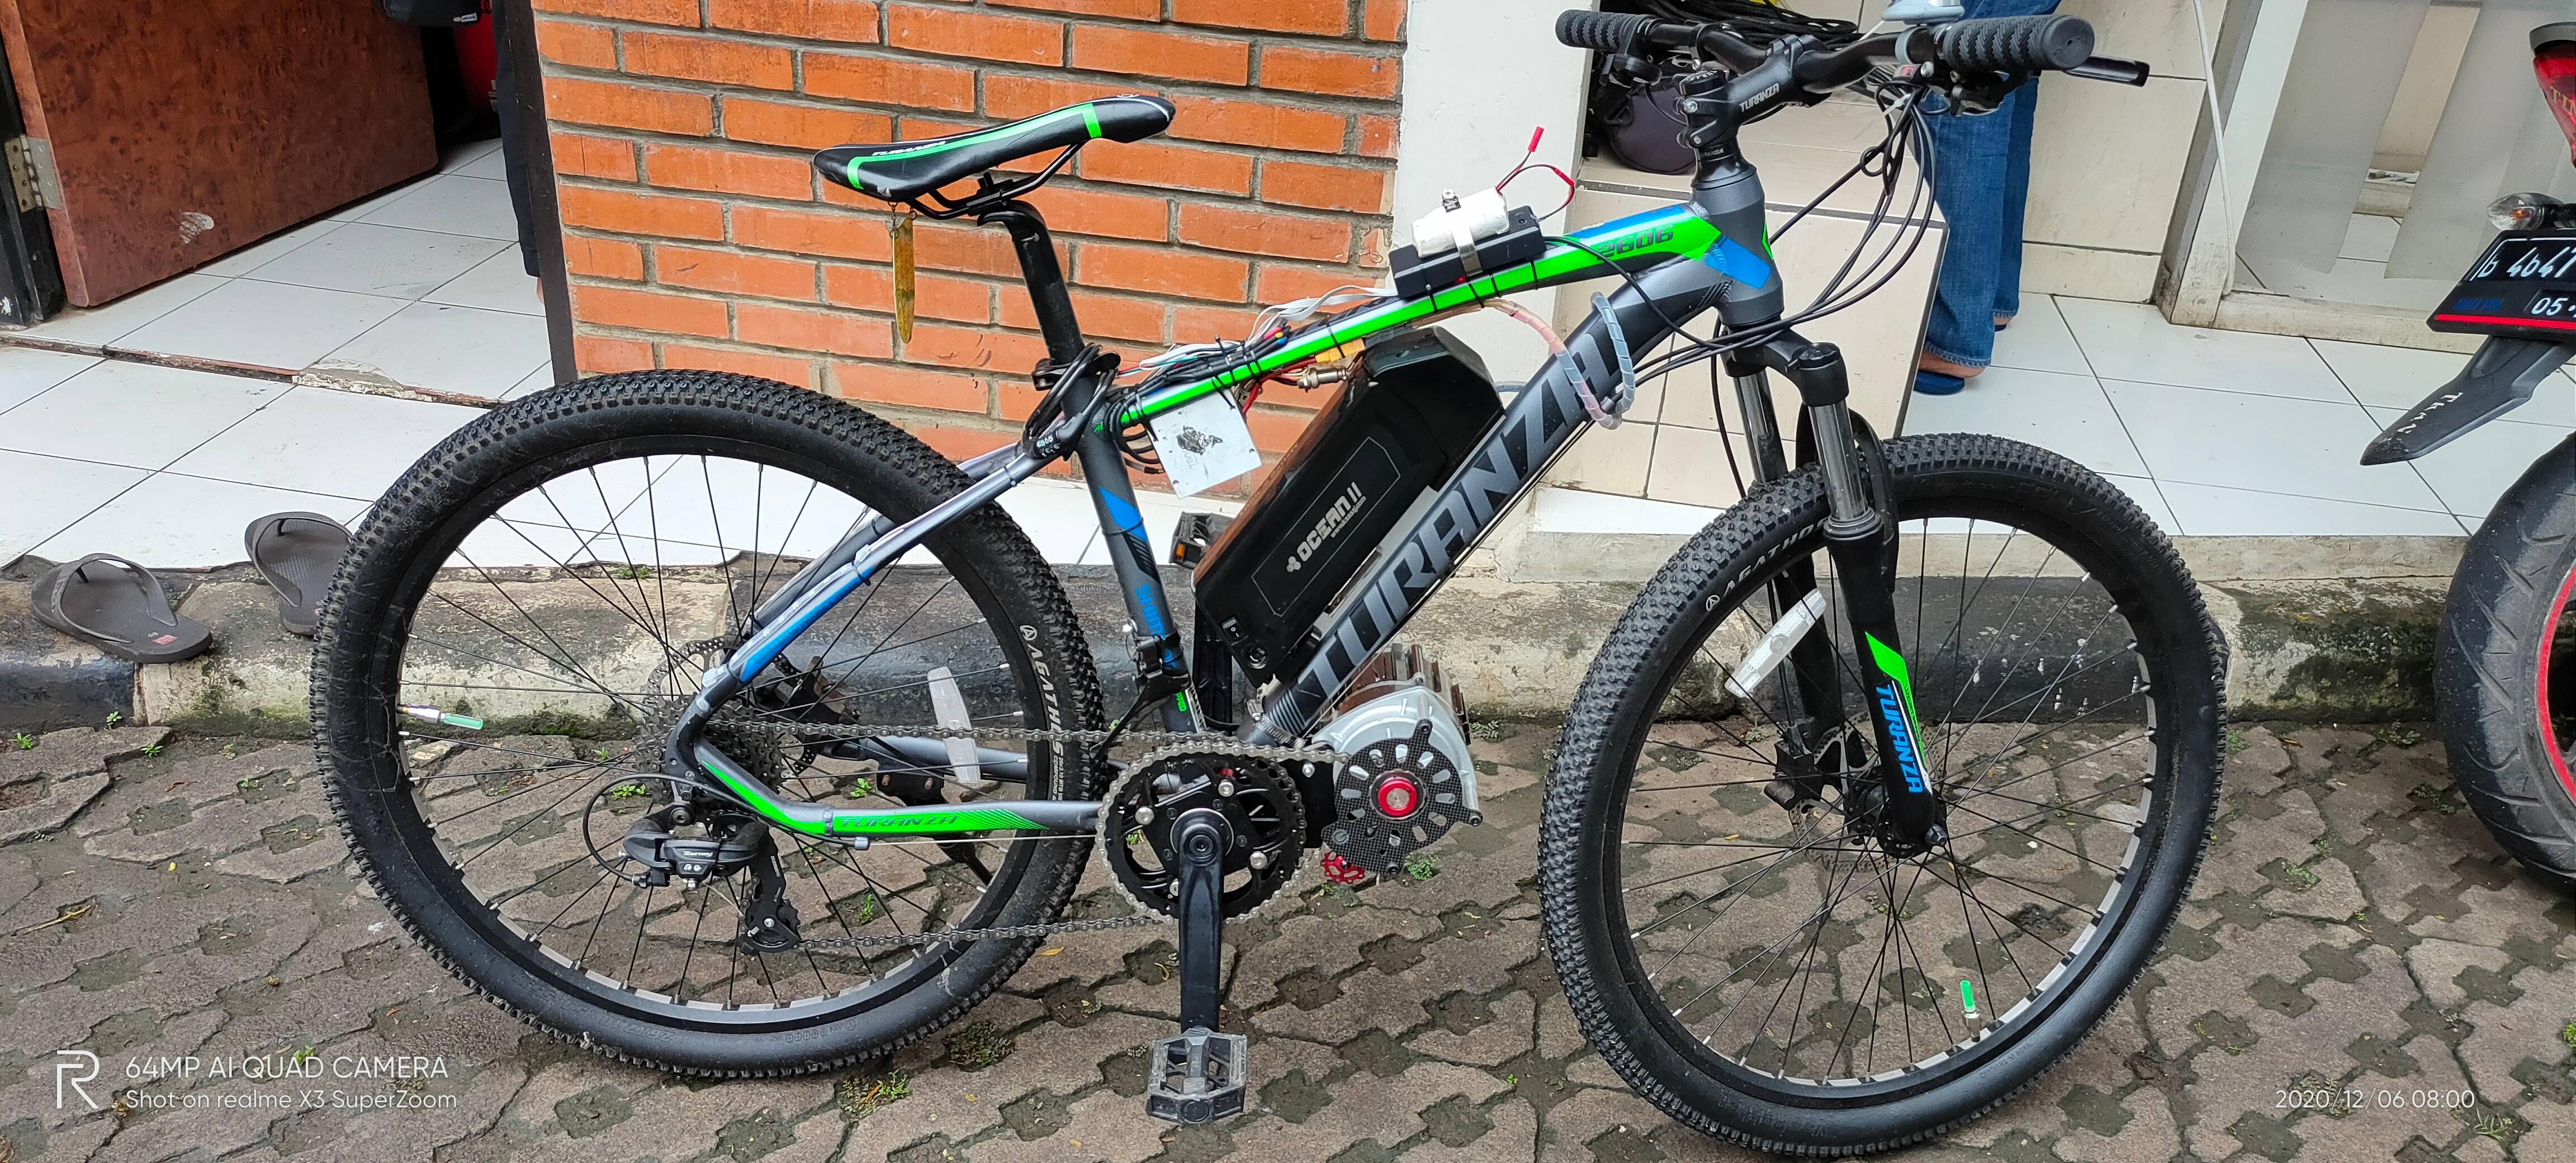 Galih' Bike